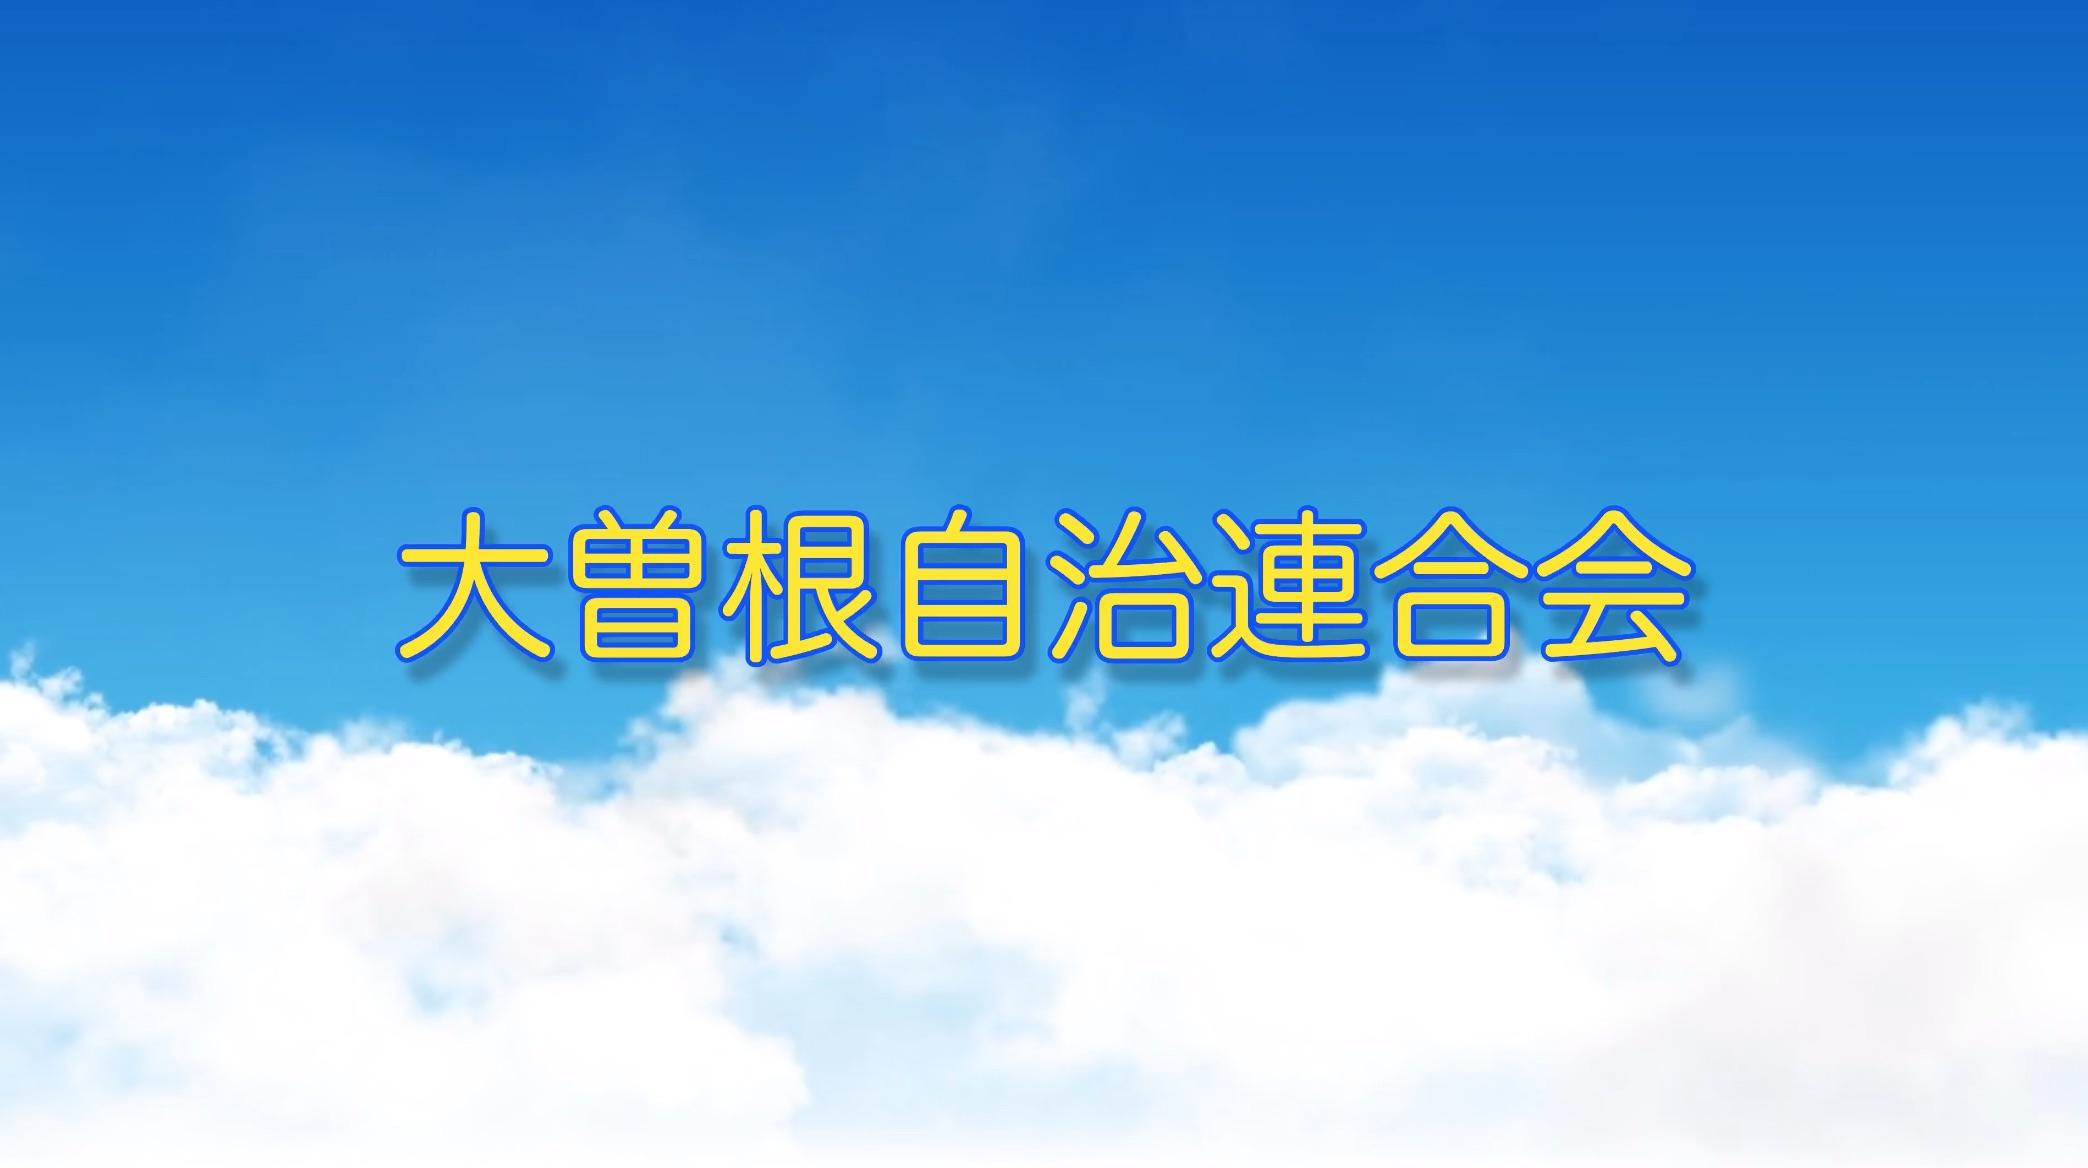 大曽根自治連合会の活動紹介